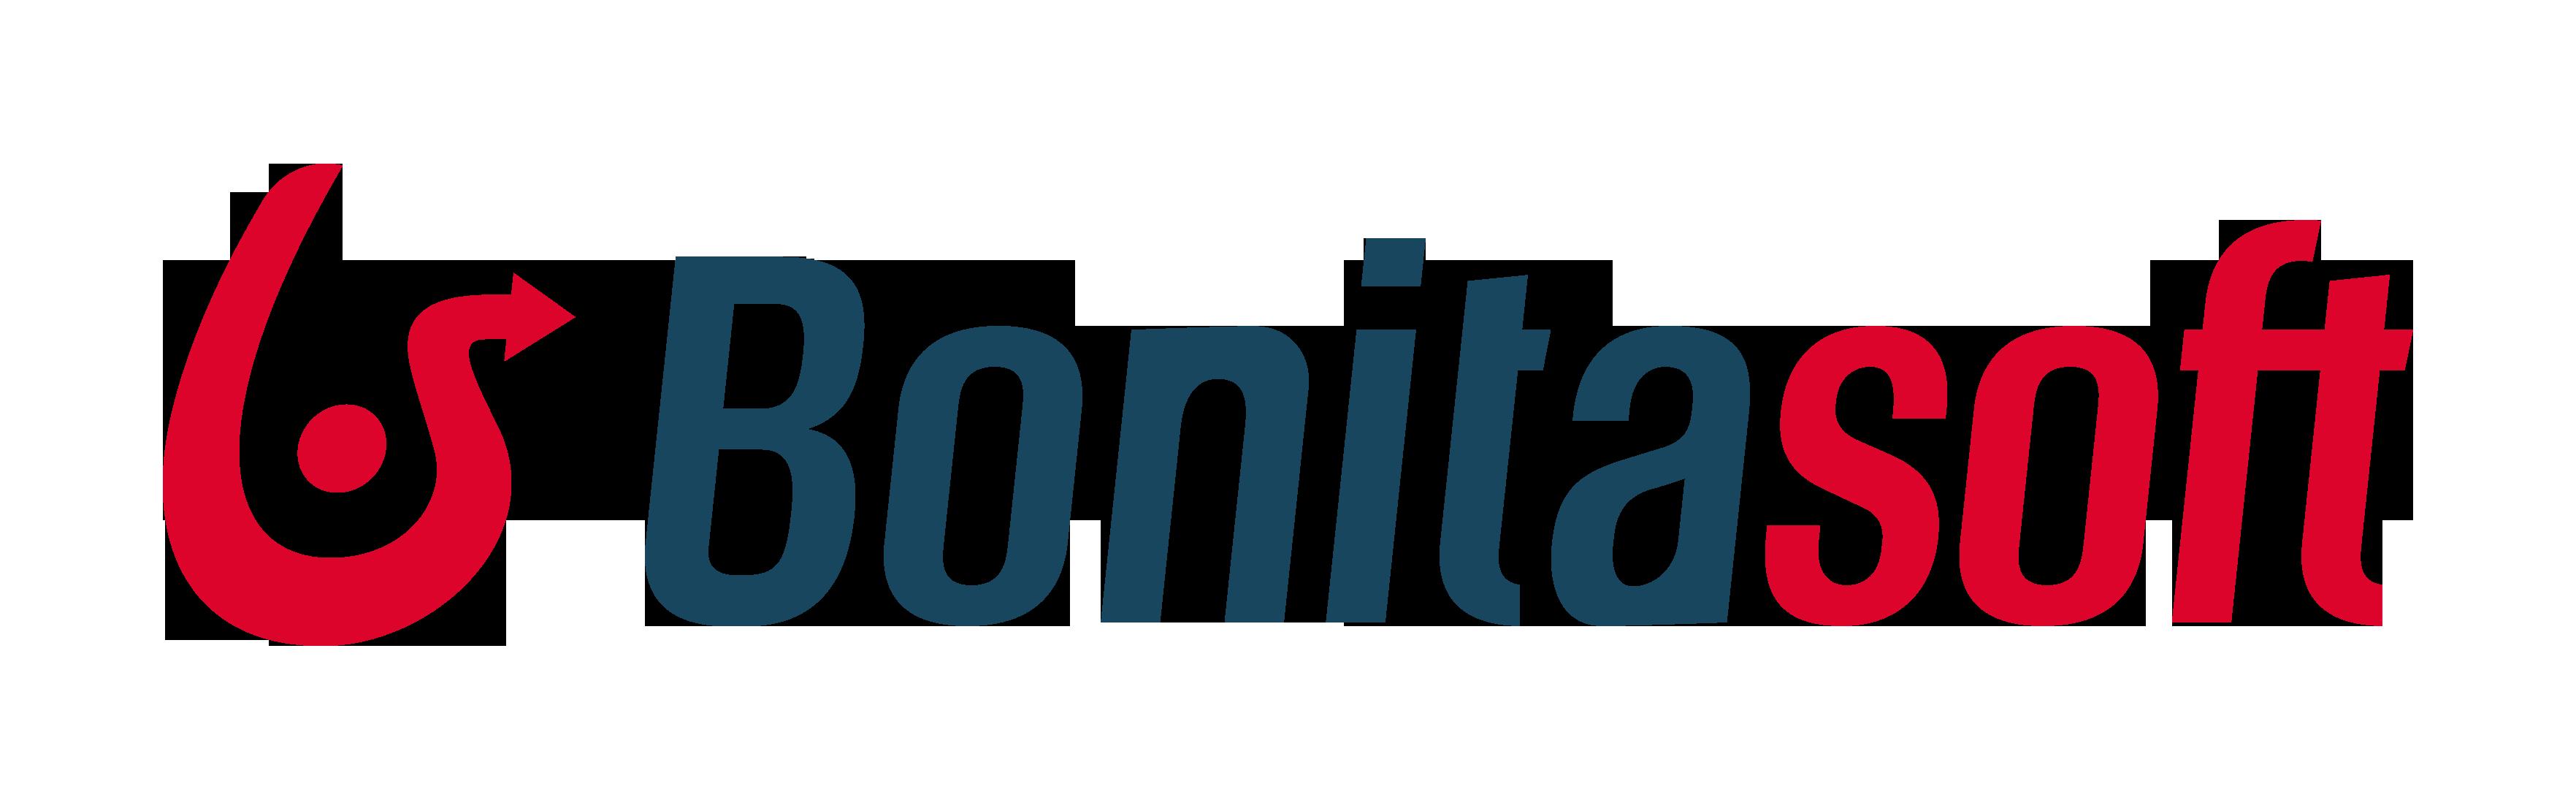 File:Bonitasoft Logo.png.